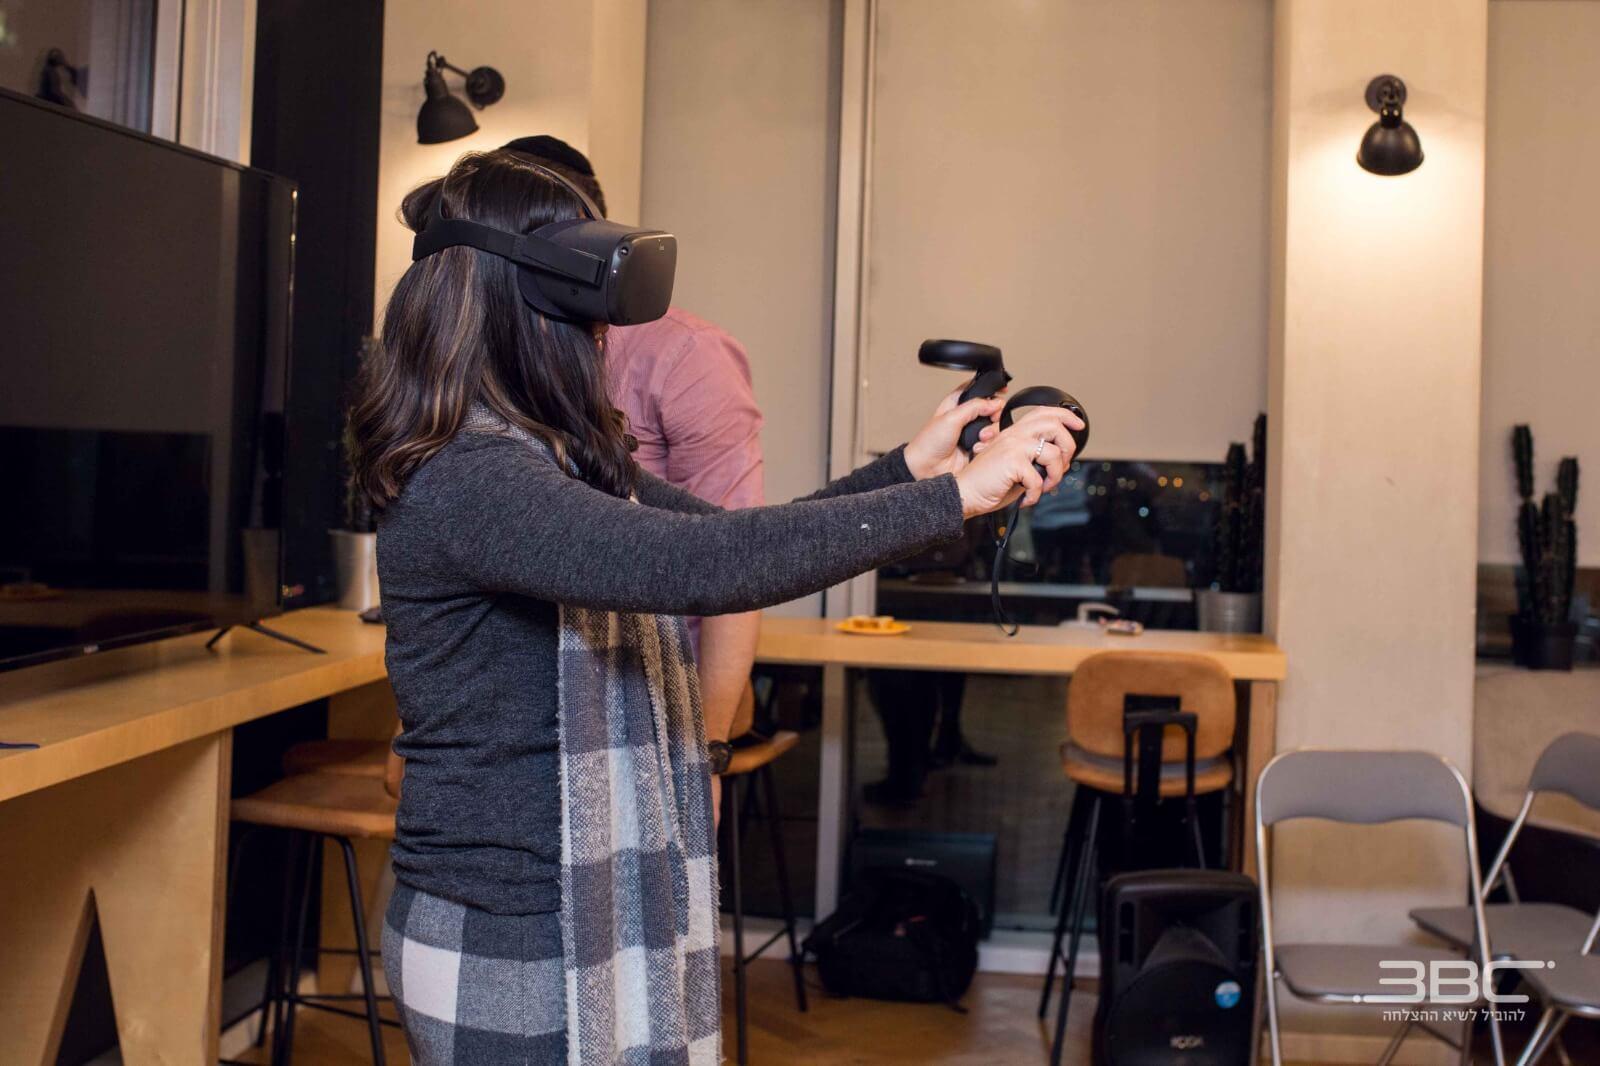 חדש ובלעדי: קורס לפיתוח ועיצוב מציאות מדומה ומציאות רבודה 7